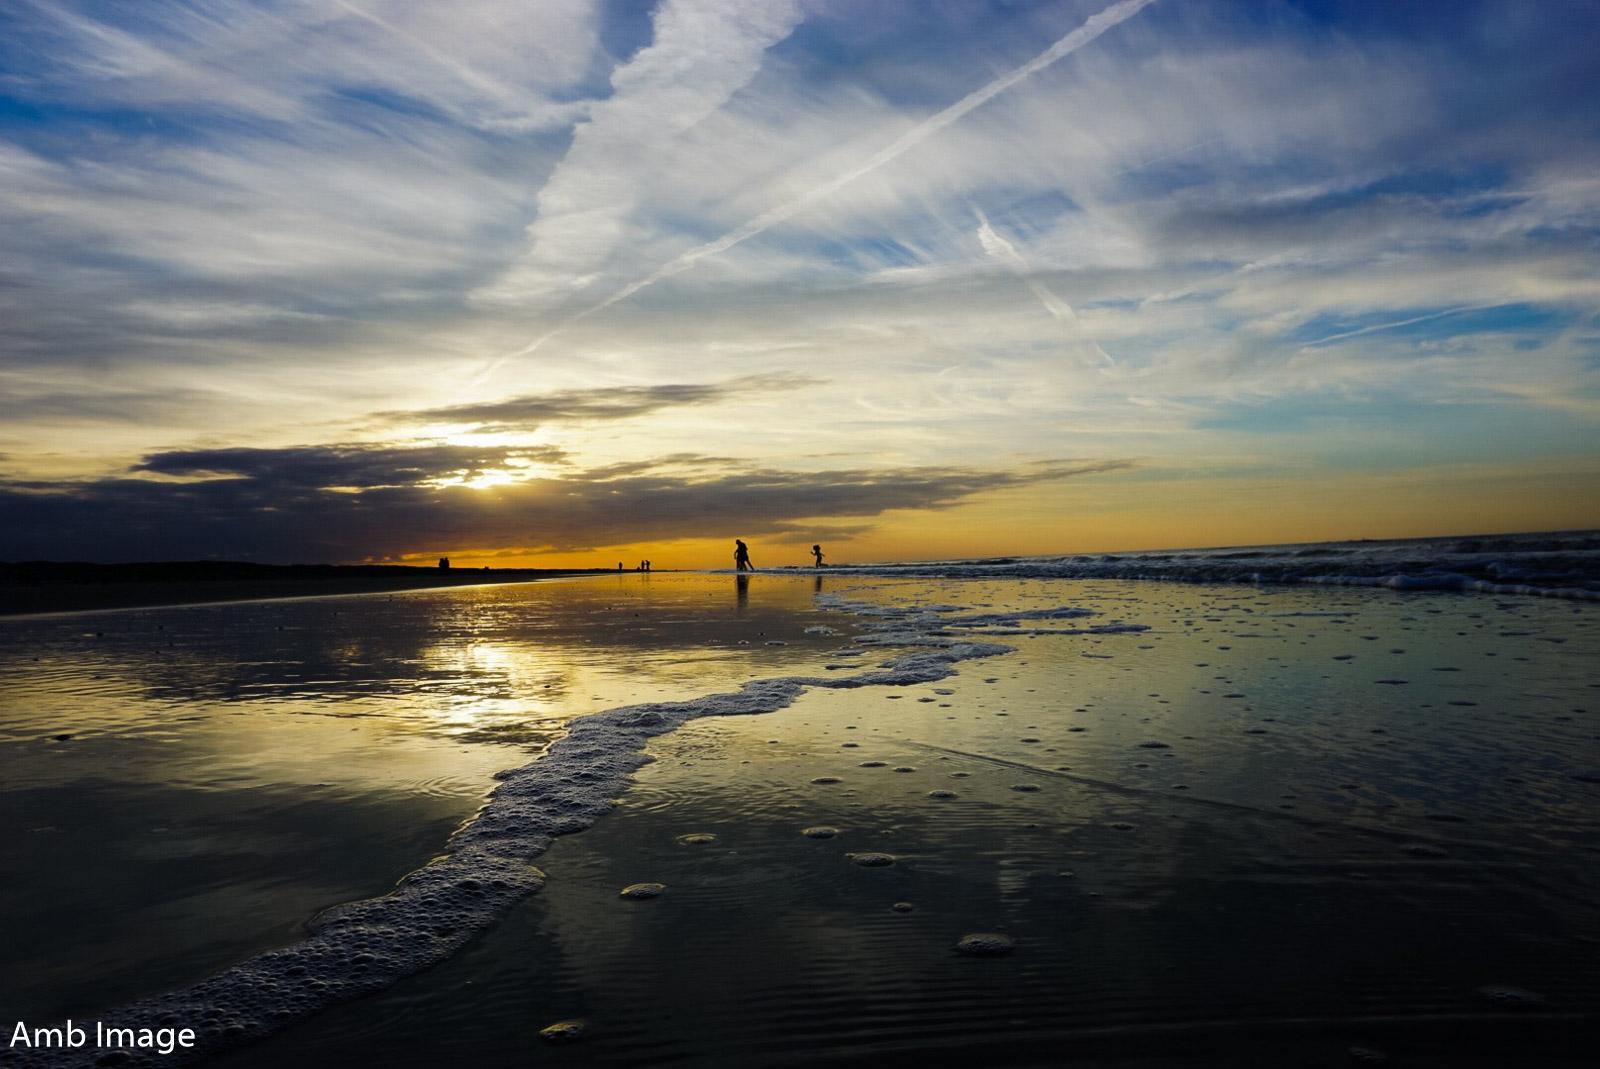 Sonnenuntergang Menschen im Hintergrund